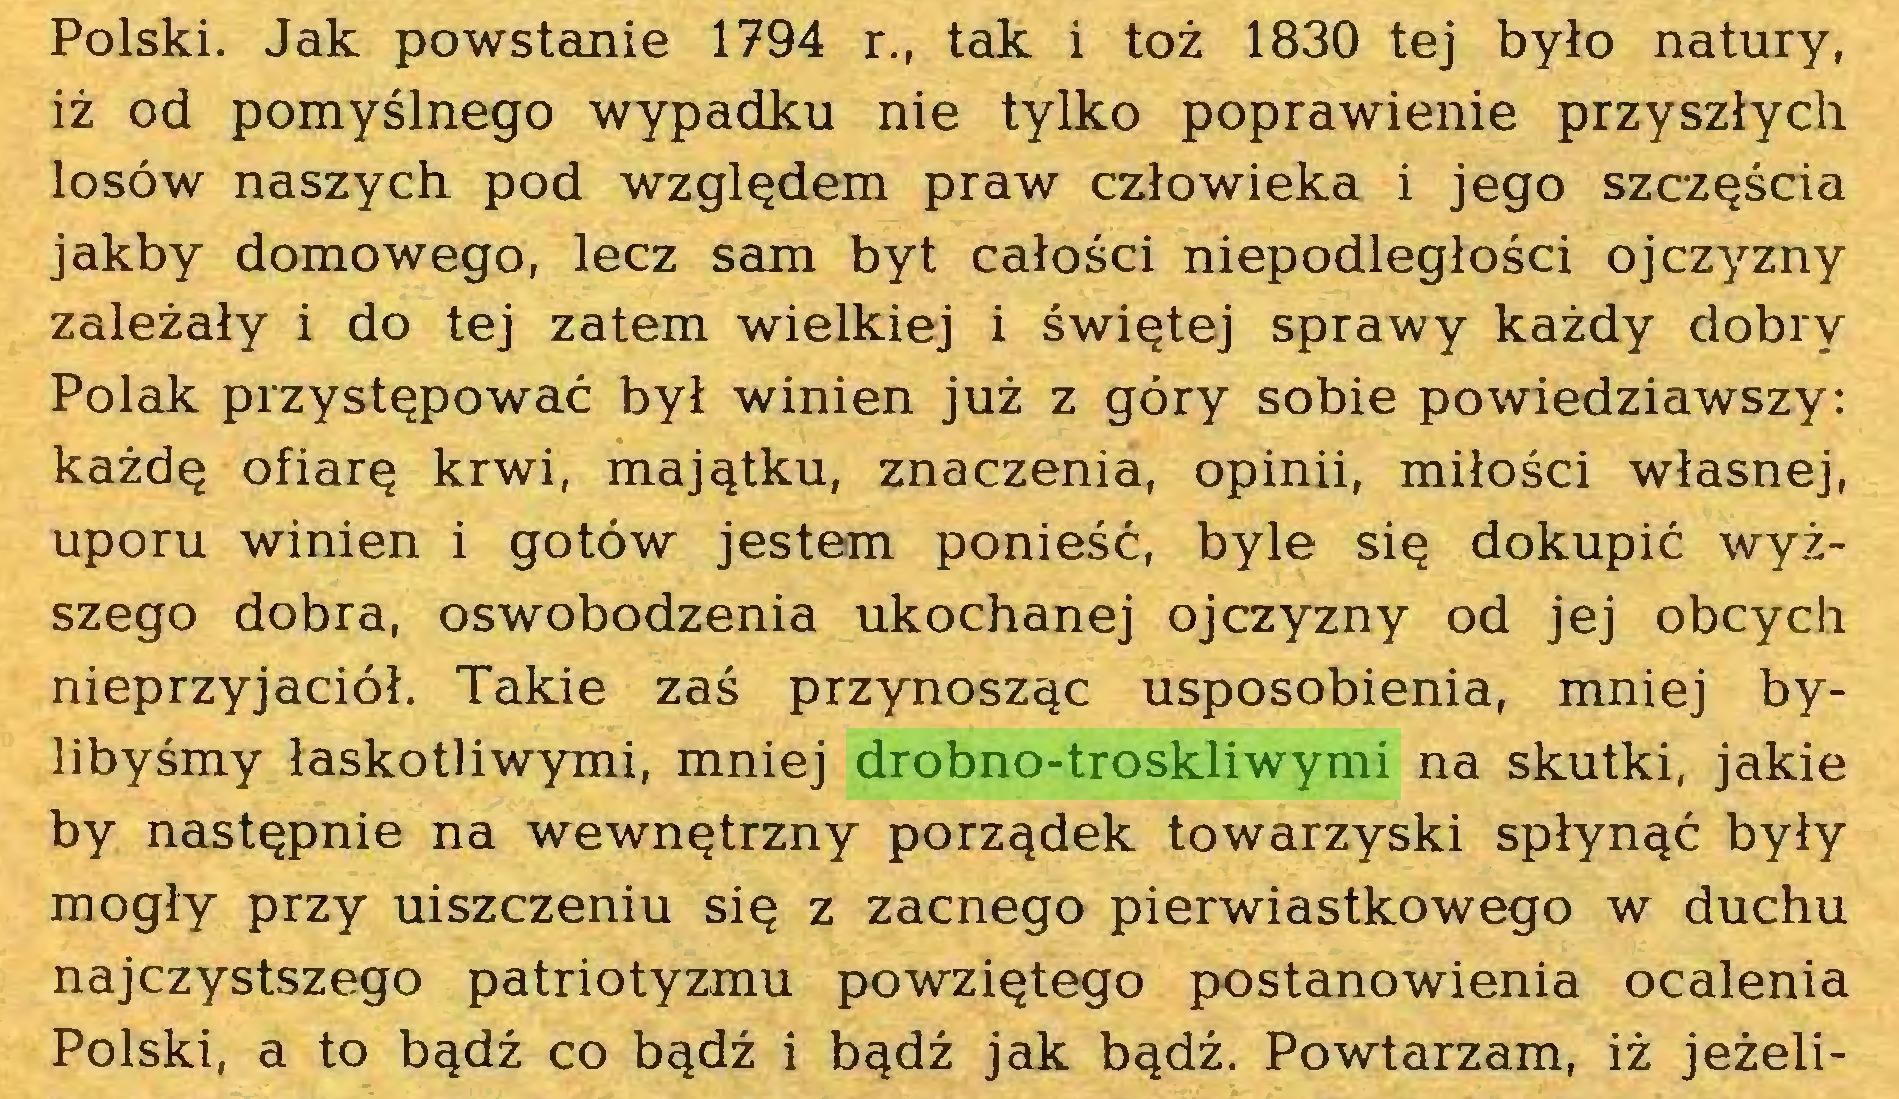 (...) Polski. Jak powstanie 1794 r., tak i toż 1830 tej było natury, iż od pomyślnego wypadku nie tylko poprawienie przyszłych losów naszych pod względem praw człowieka i jego szczęścia jakby domowego, lecz sam byt całości niepodległości ojczyzny zależały i do tej zatem wielkiej i świętej sprawy każdy dobry Polak przystępować był winien już z góry sobie powiedziawszy: każdę ofiarę krwi, majątku, znaczenia, opinii, miłości własnej, uporu winien i gotów jestem ponieść, byle się dokupić wyższego dobra, oswobodzenia ukochanej ojczyzny od jej obcych nieprzyjaciół. Takie zaś przynosząc usposobienia, mniej bylibyśmy łaskotliwymi, mniej drobno-troskliwymi na skutki, jakie by następnie na wewnętrzny porządek towarzyski spłynąć były mogły przy uiszczeniu się z zacnego pierwiastkowego w duchu najczystszego patriotyzmu powziętego postanowienia ocalenia Polski, a to bądź co bądź i bądź jak bądź. Powtarzam, iż jeżeli...